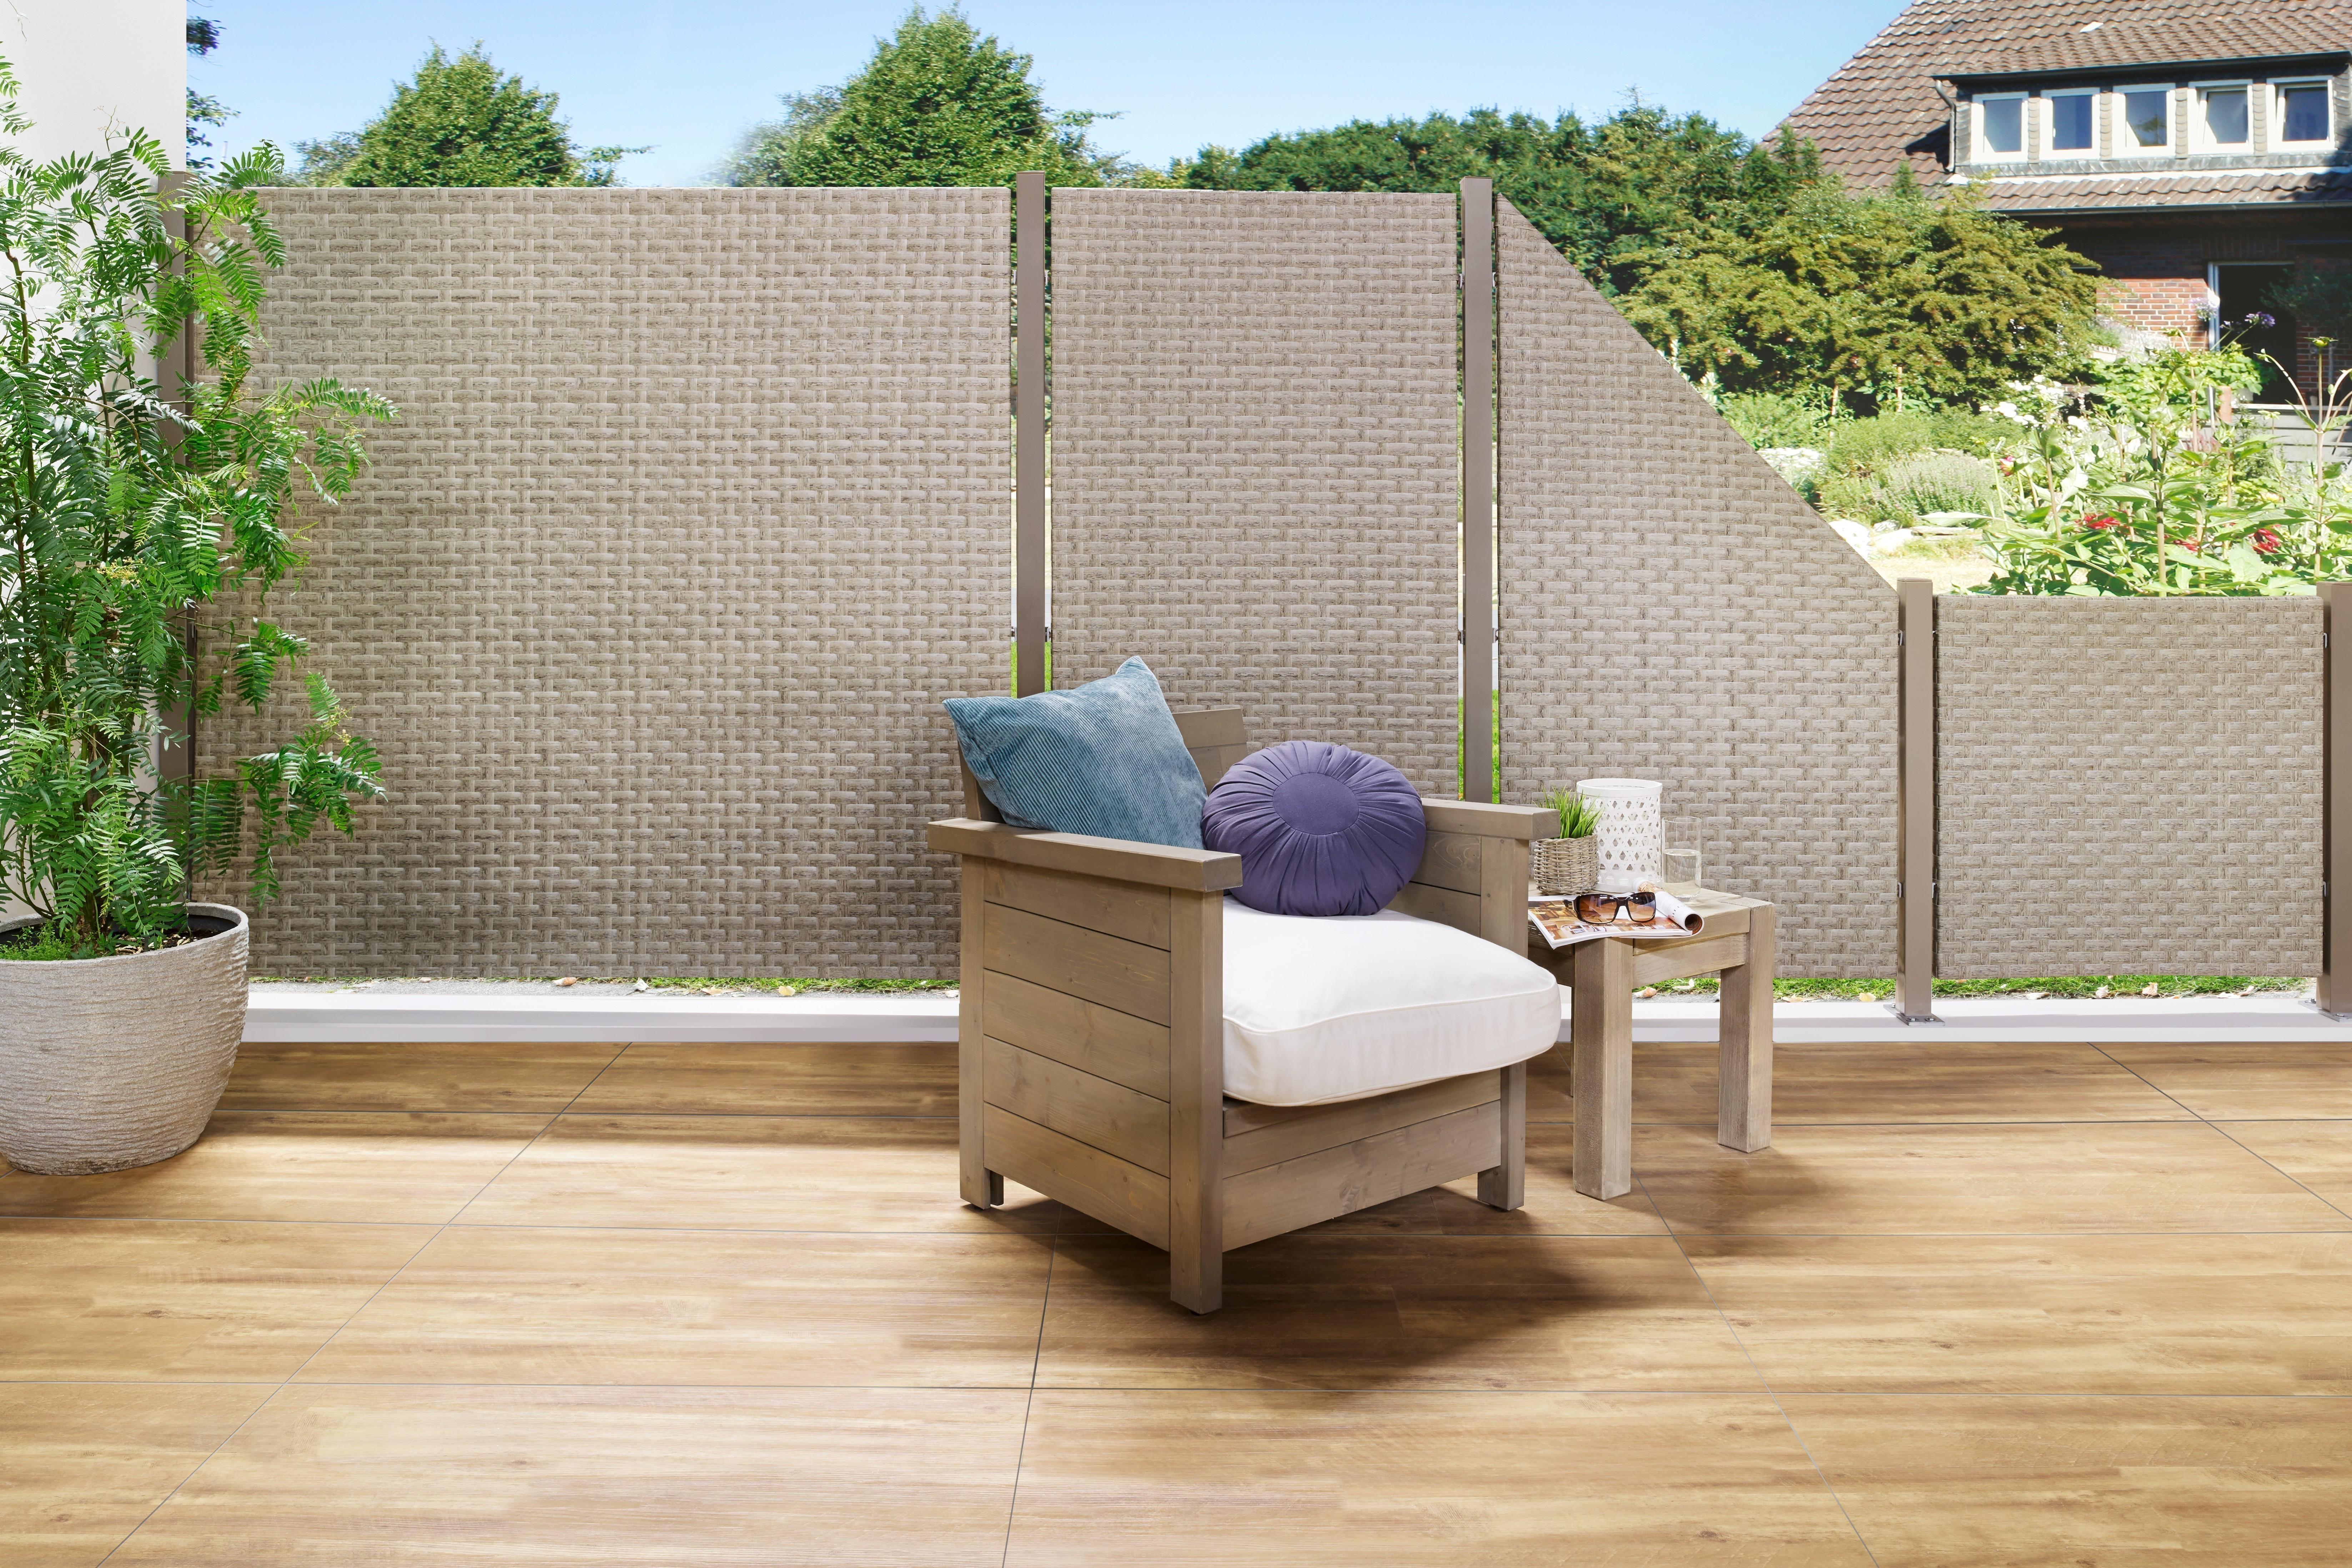 Sichtschutz Zaunelement Traumgarten WEAVE Polyrattan gray 88x178cm Bild 2